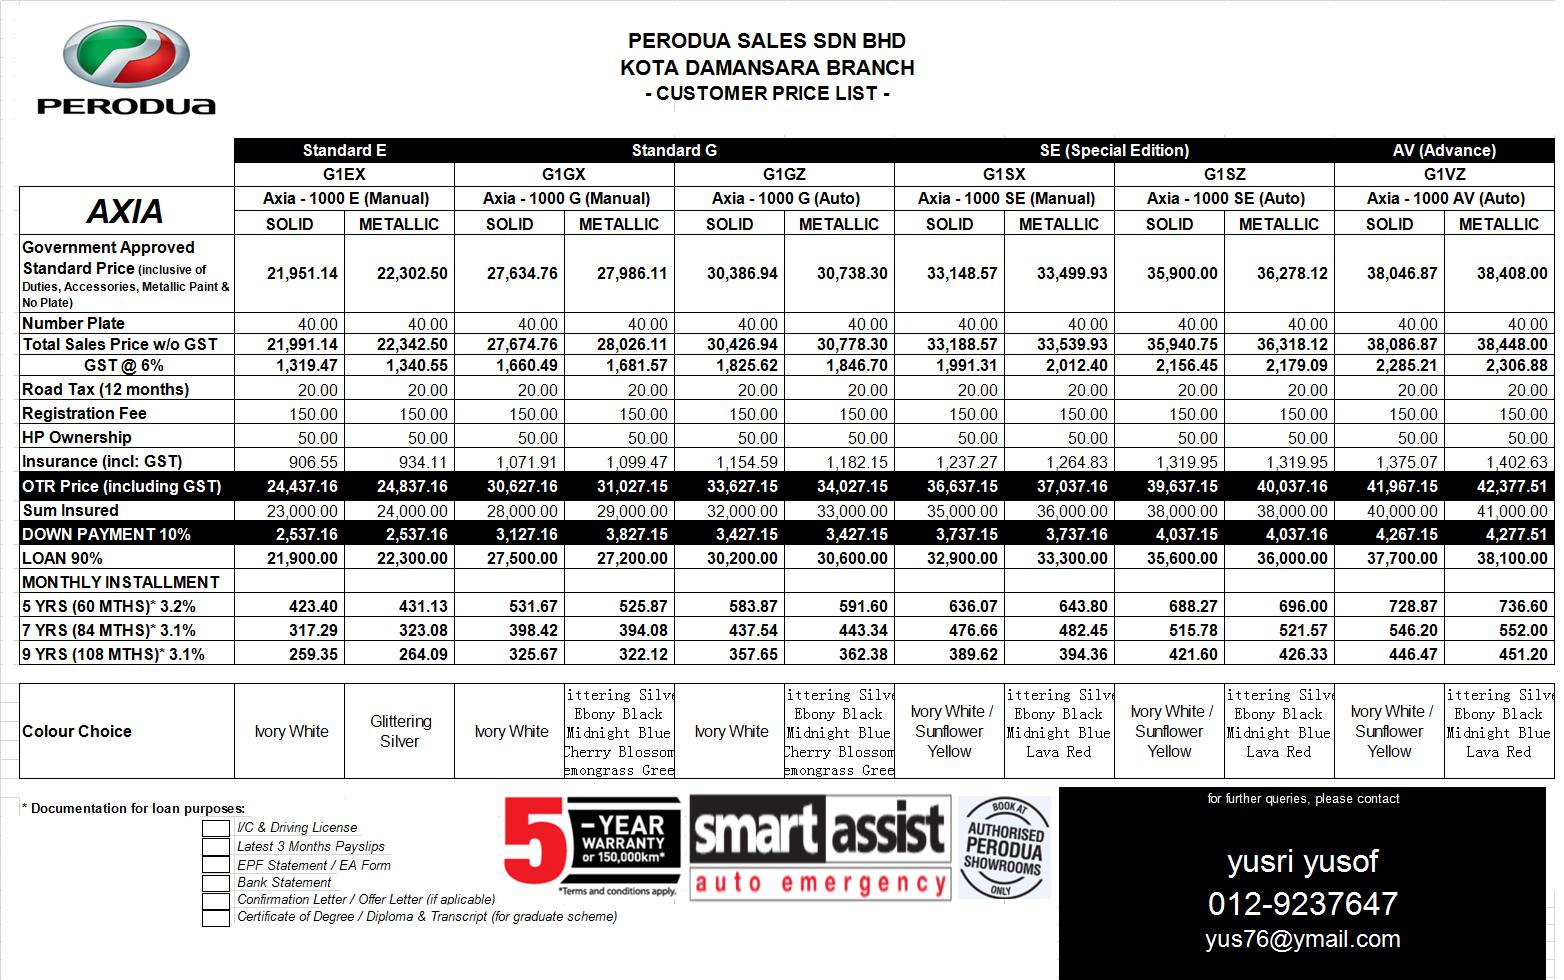 Harga perodua axia 2021 & bayaran bulanan kereta baru telah pun dilancarkan pada harga mampu milik, di mana yang menariknya tentang model. Harga Perodua Axia standard G naik bermula Oktober 2015 ~ BELI KERETA PERODUA KOTA DAMANSARA